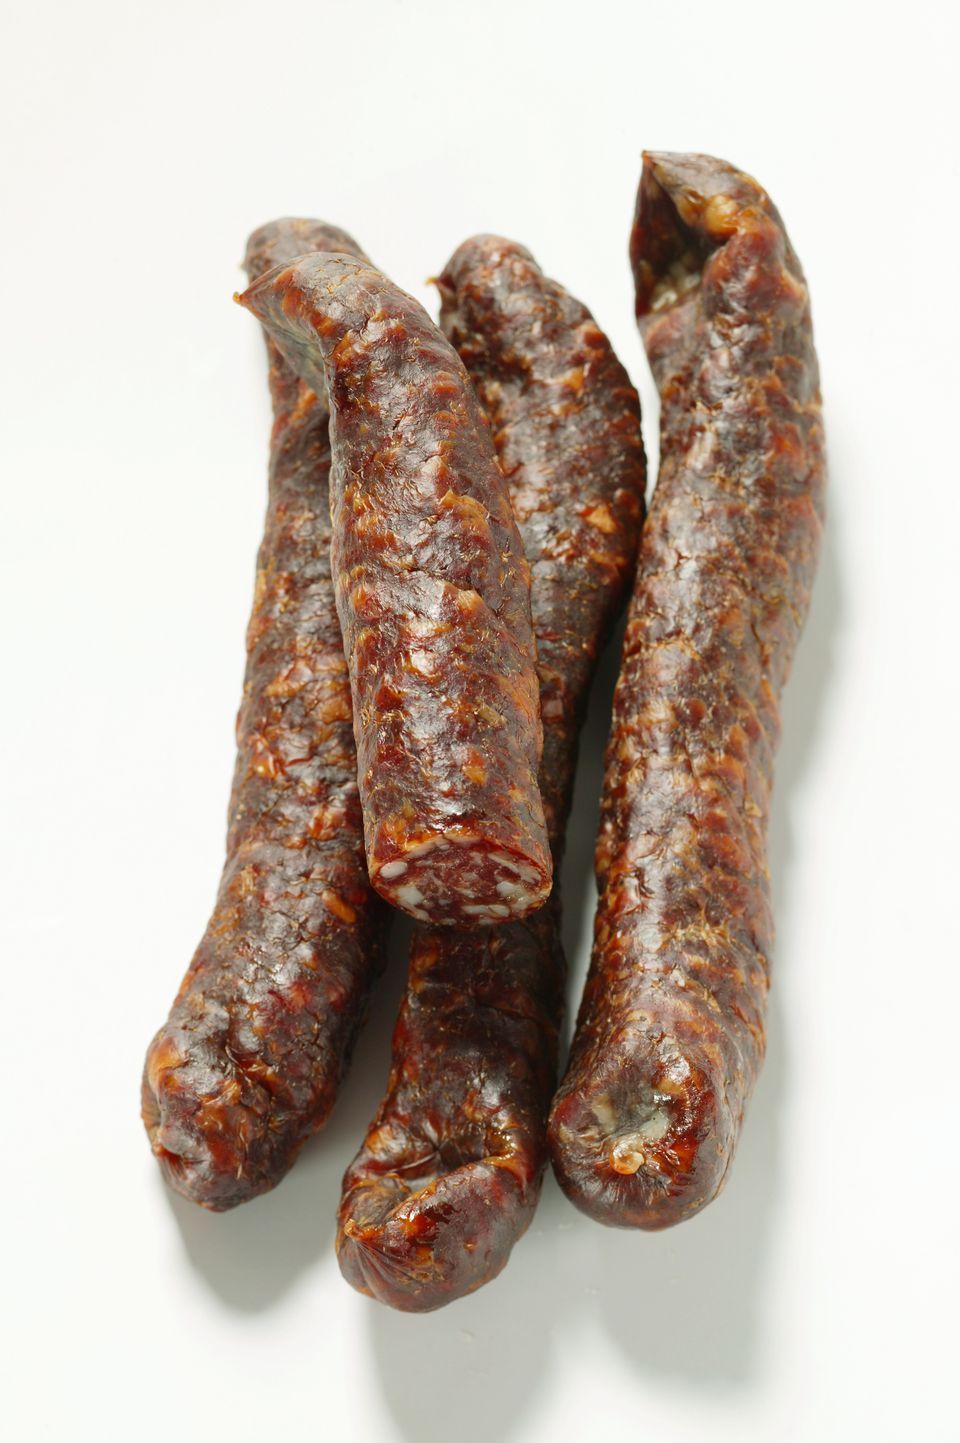 Four venison sausages